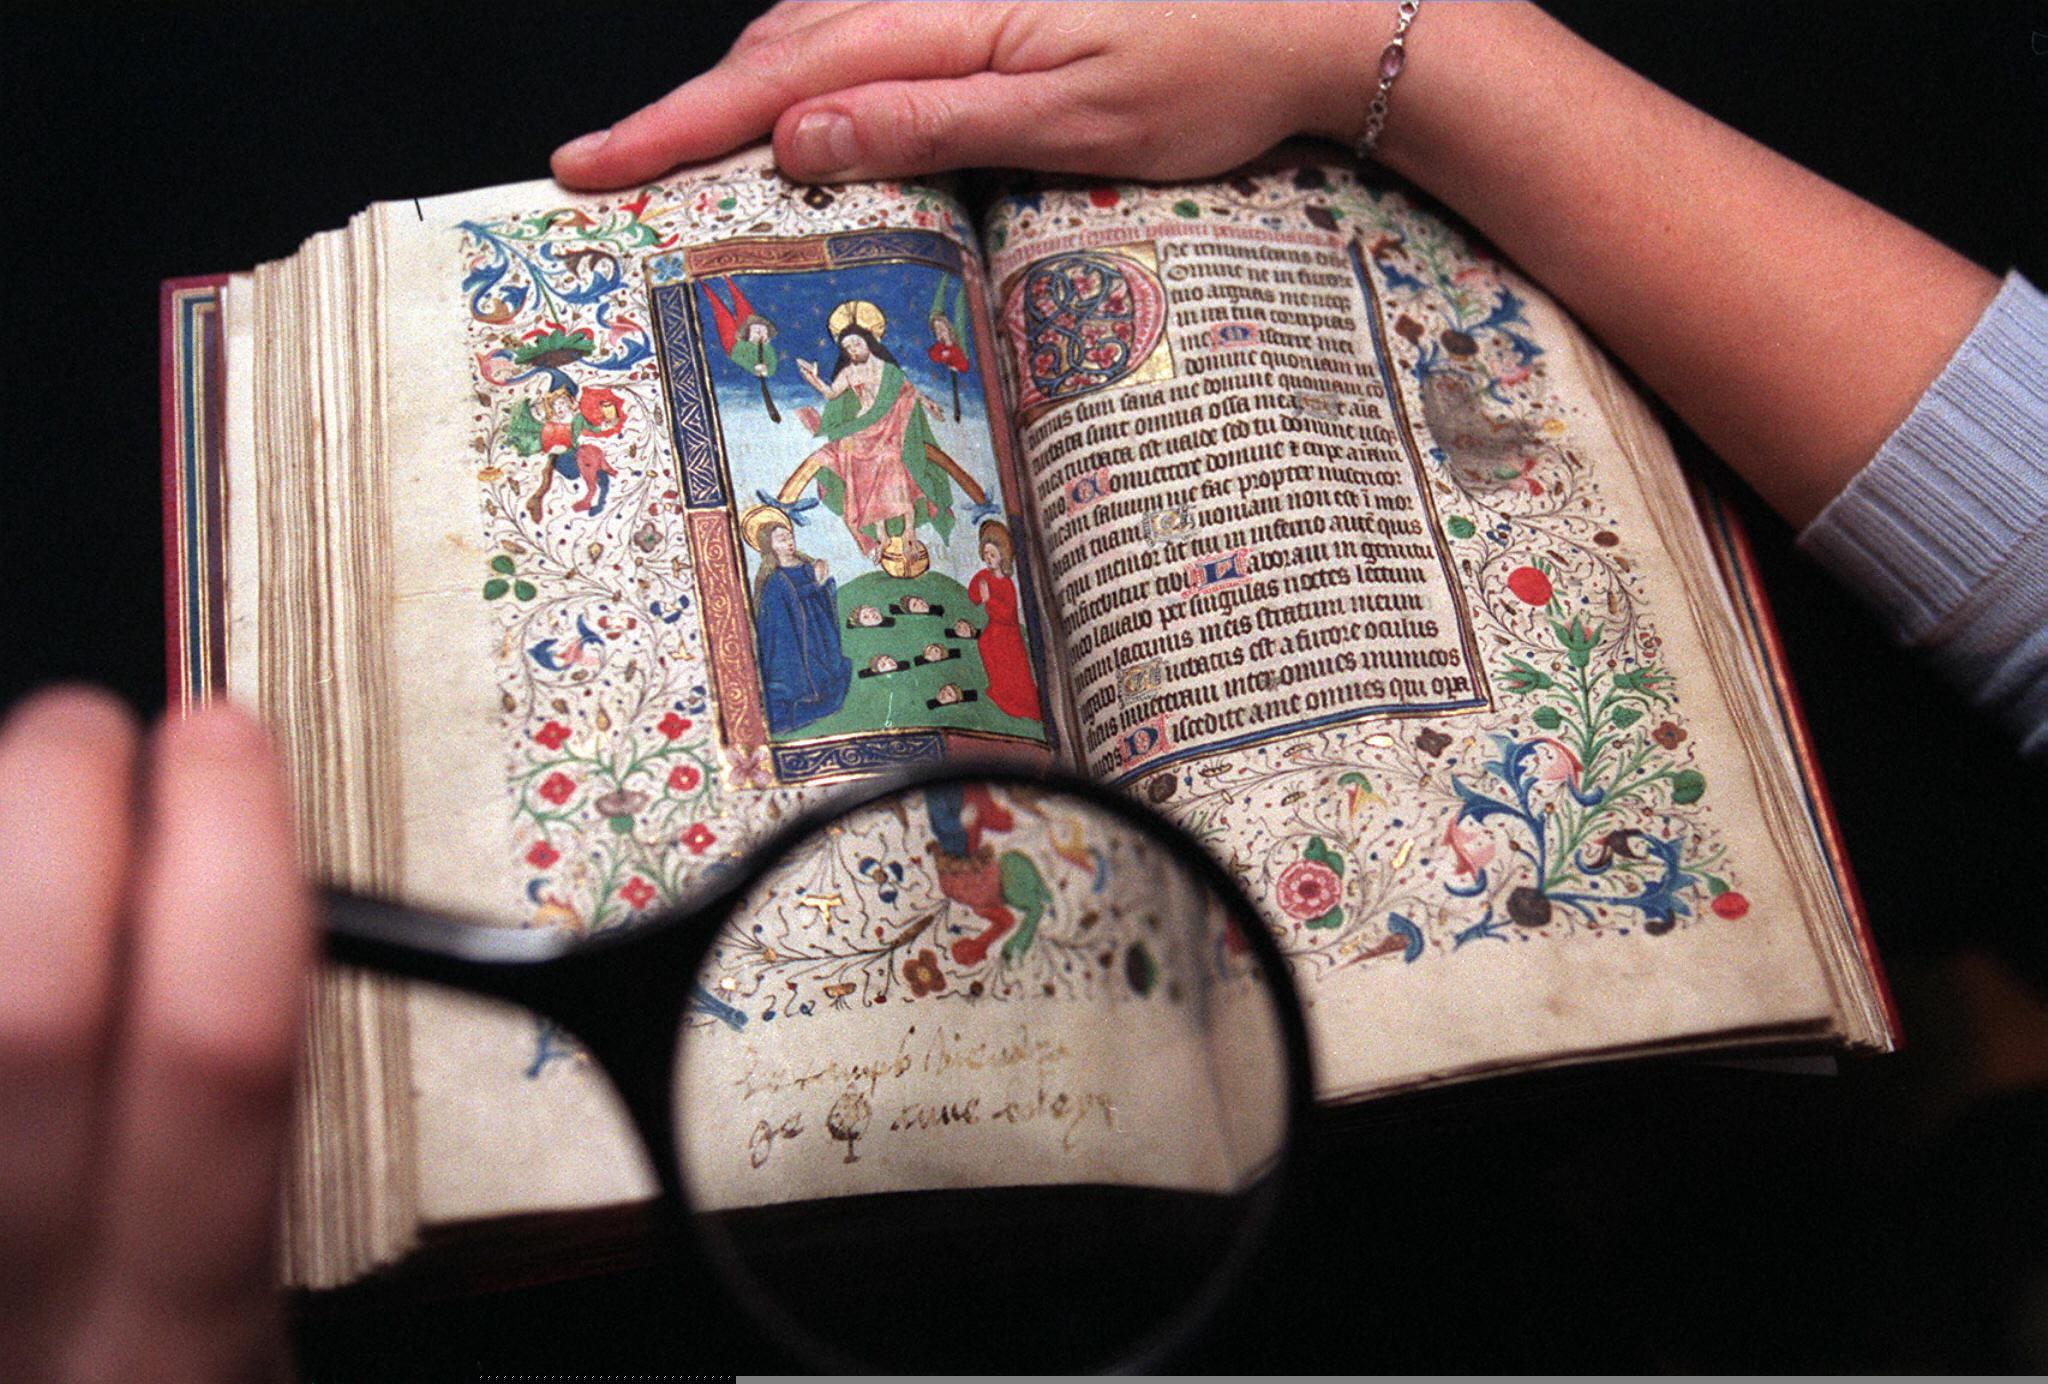 Rejtett beírásokat fedeztek fel az imakönyvben, amit Boleyn Anna a kivégzése előtt olvasott